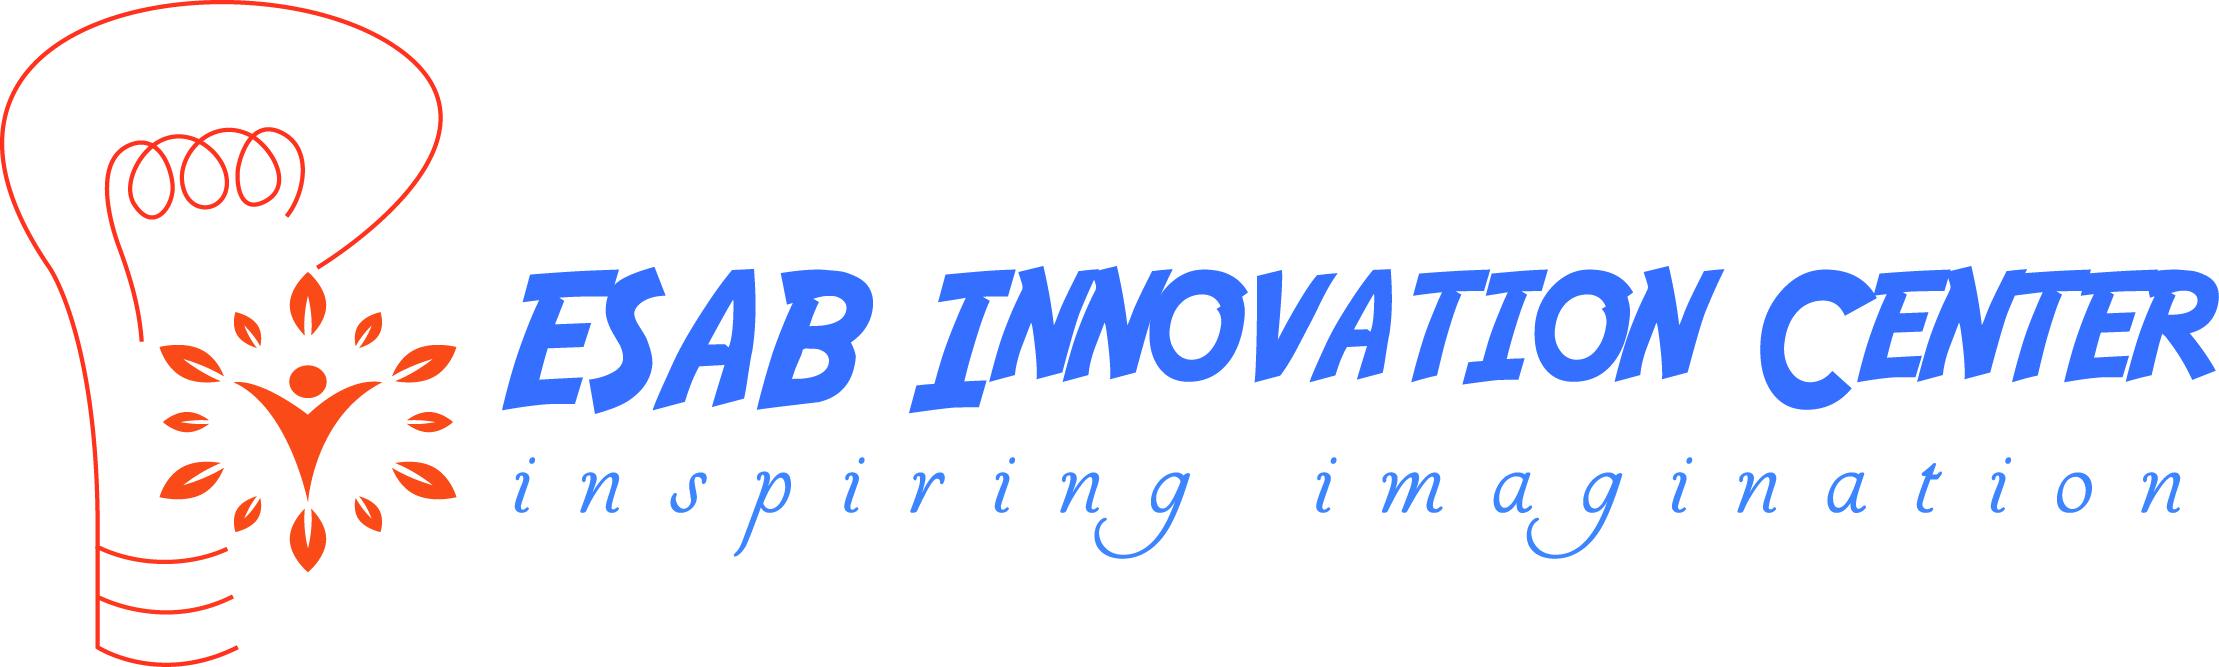 ESAB Innovation Center